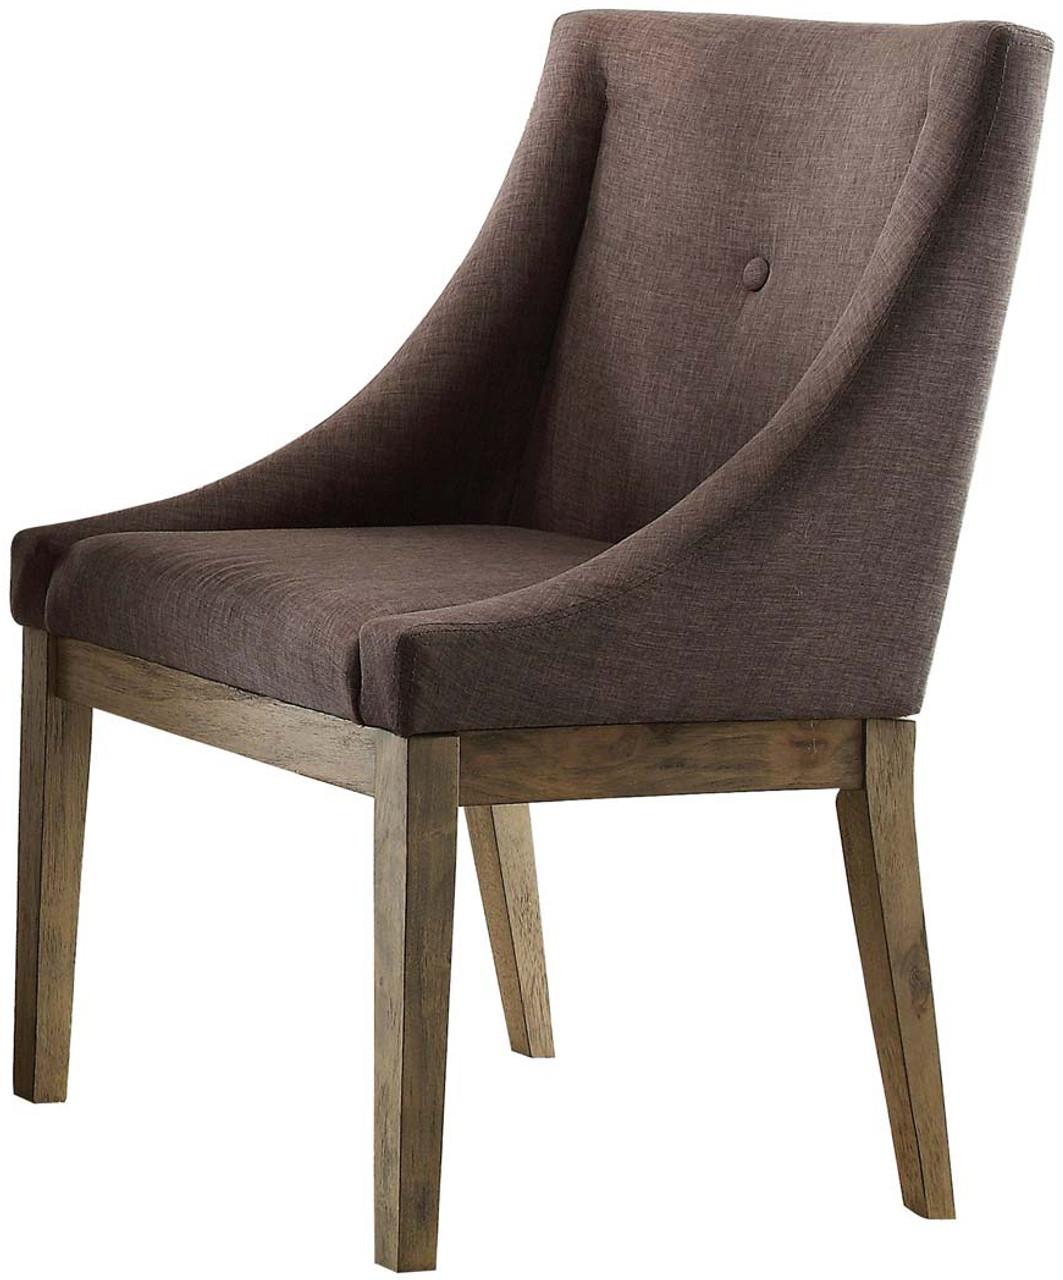 best website ded5d b995d Josefine Wingback Dining Chair